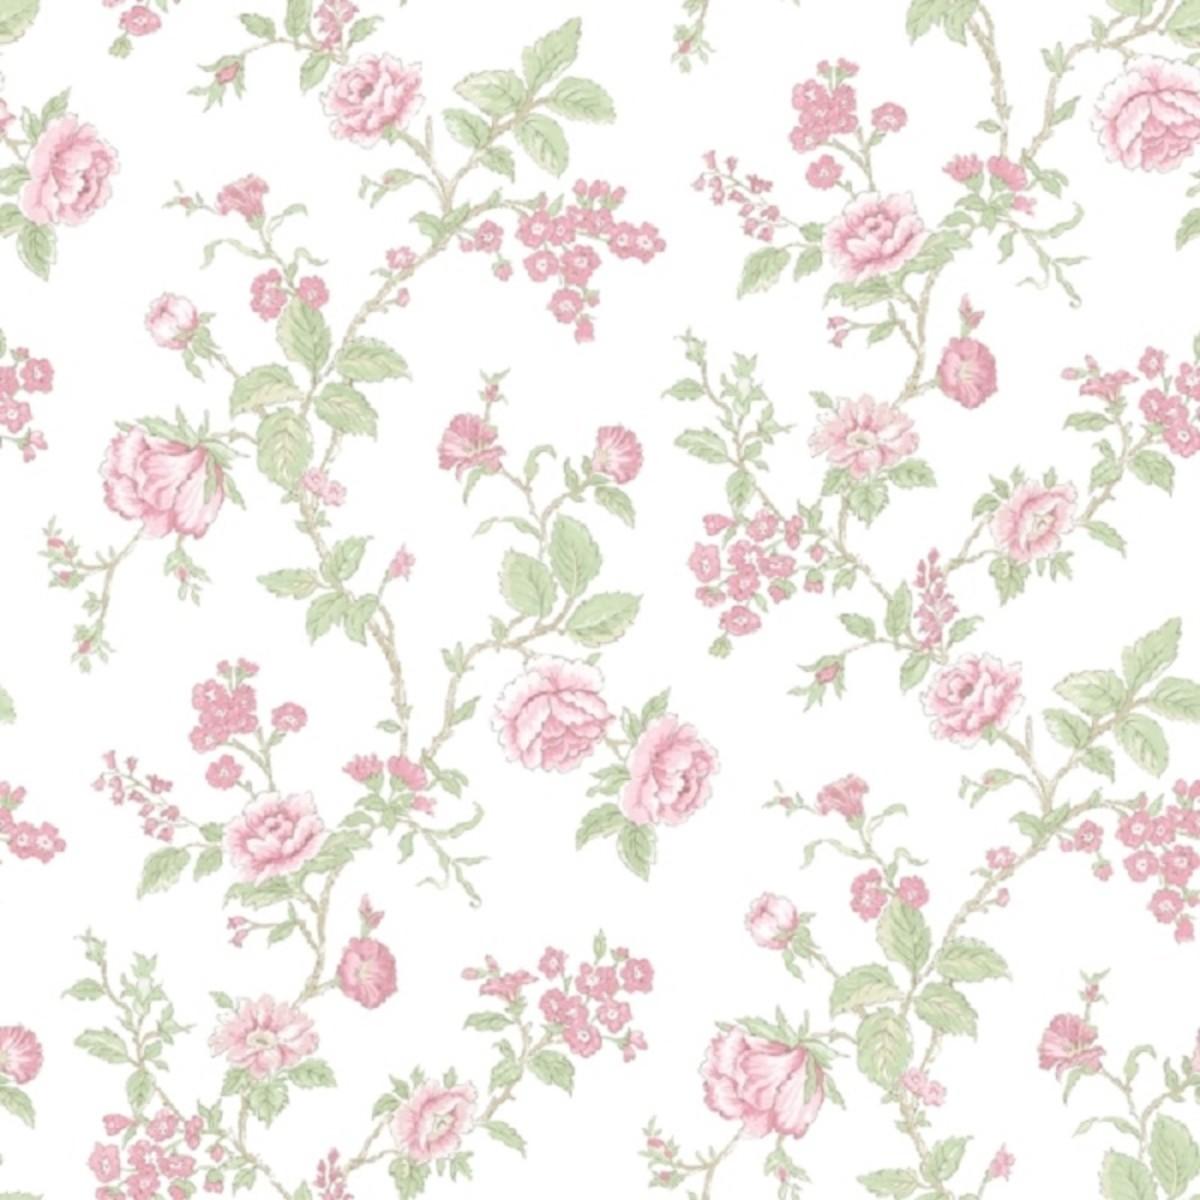 Виниловые обои Aura розовые G67295 0.53 м